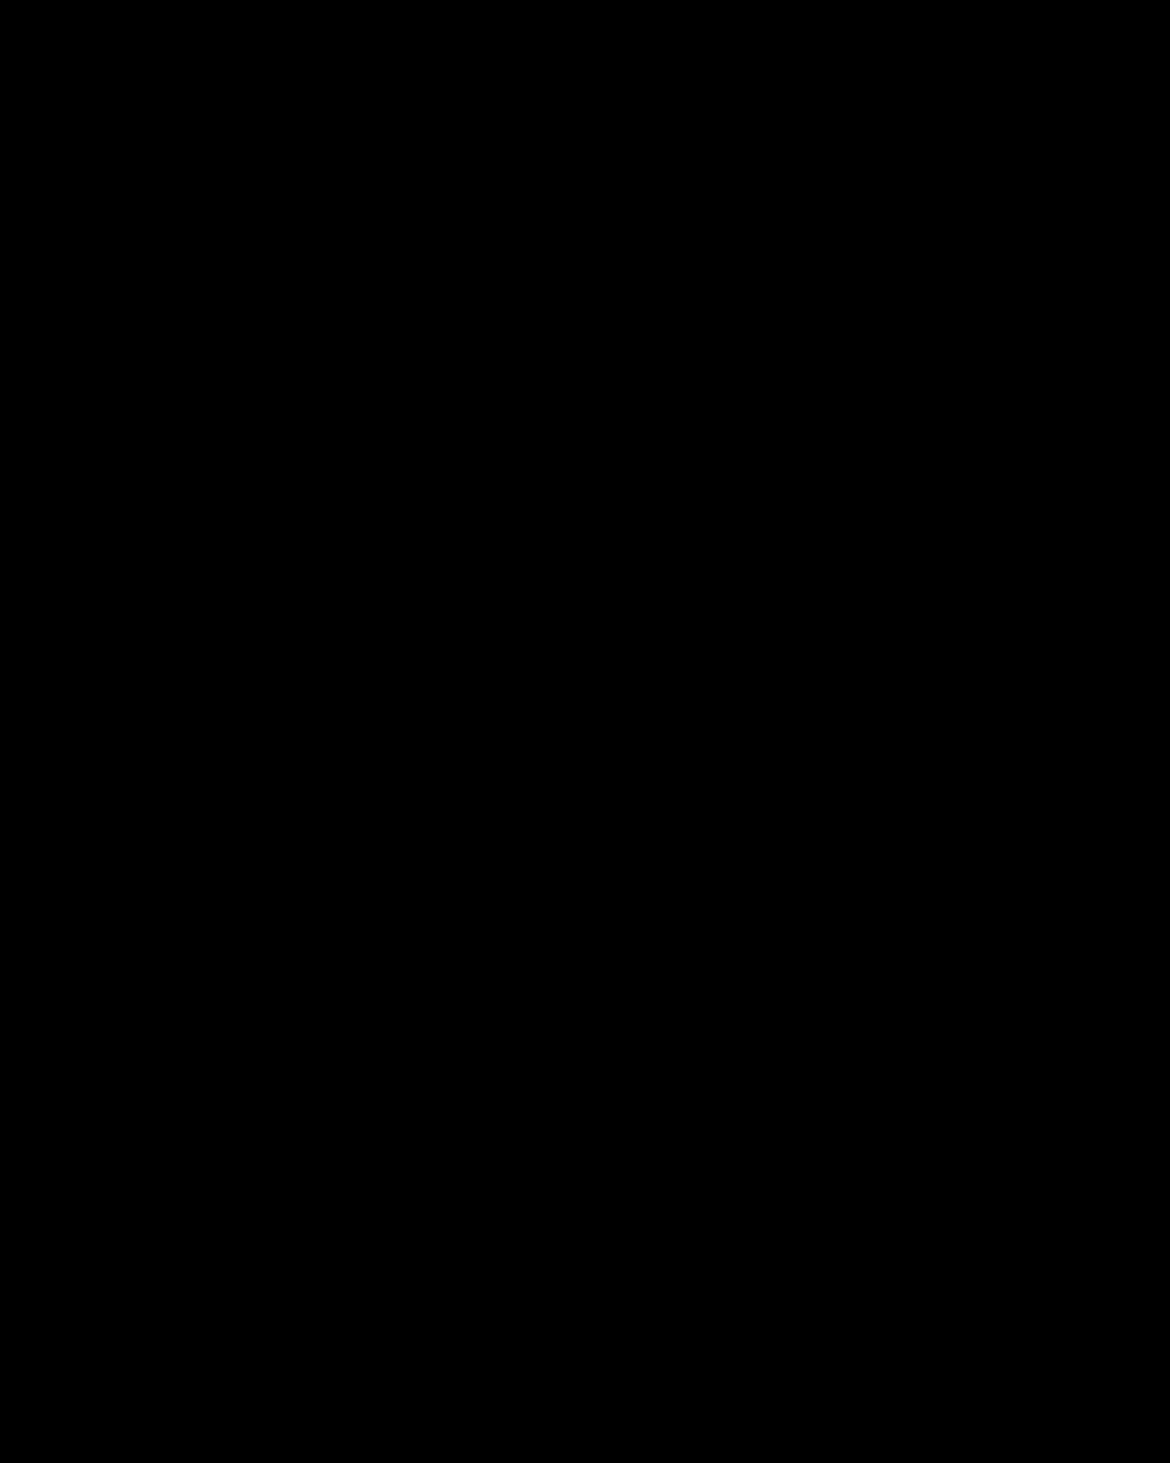 La mia settimana in Costiera Amalfitana tra Ravello, Sant'Agata sui Due Golfi e Positano by Laura Comolli - Hotel Poseidon